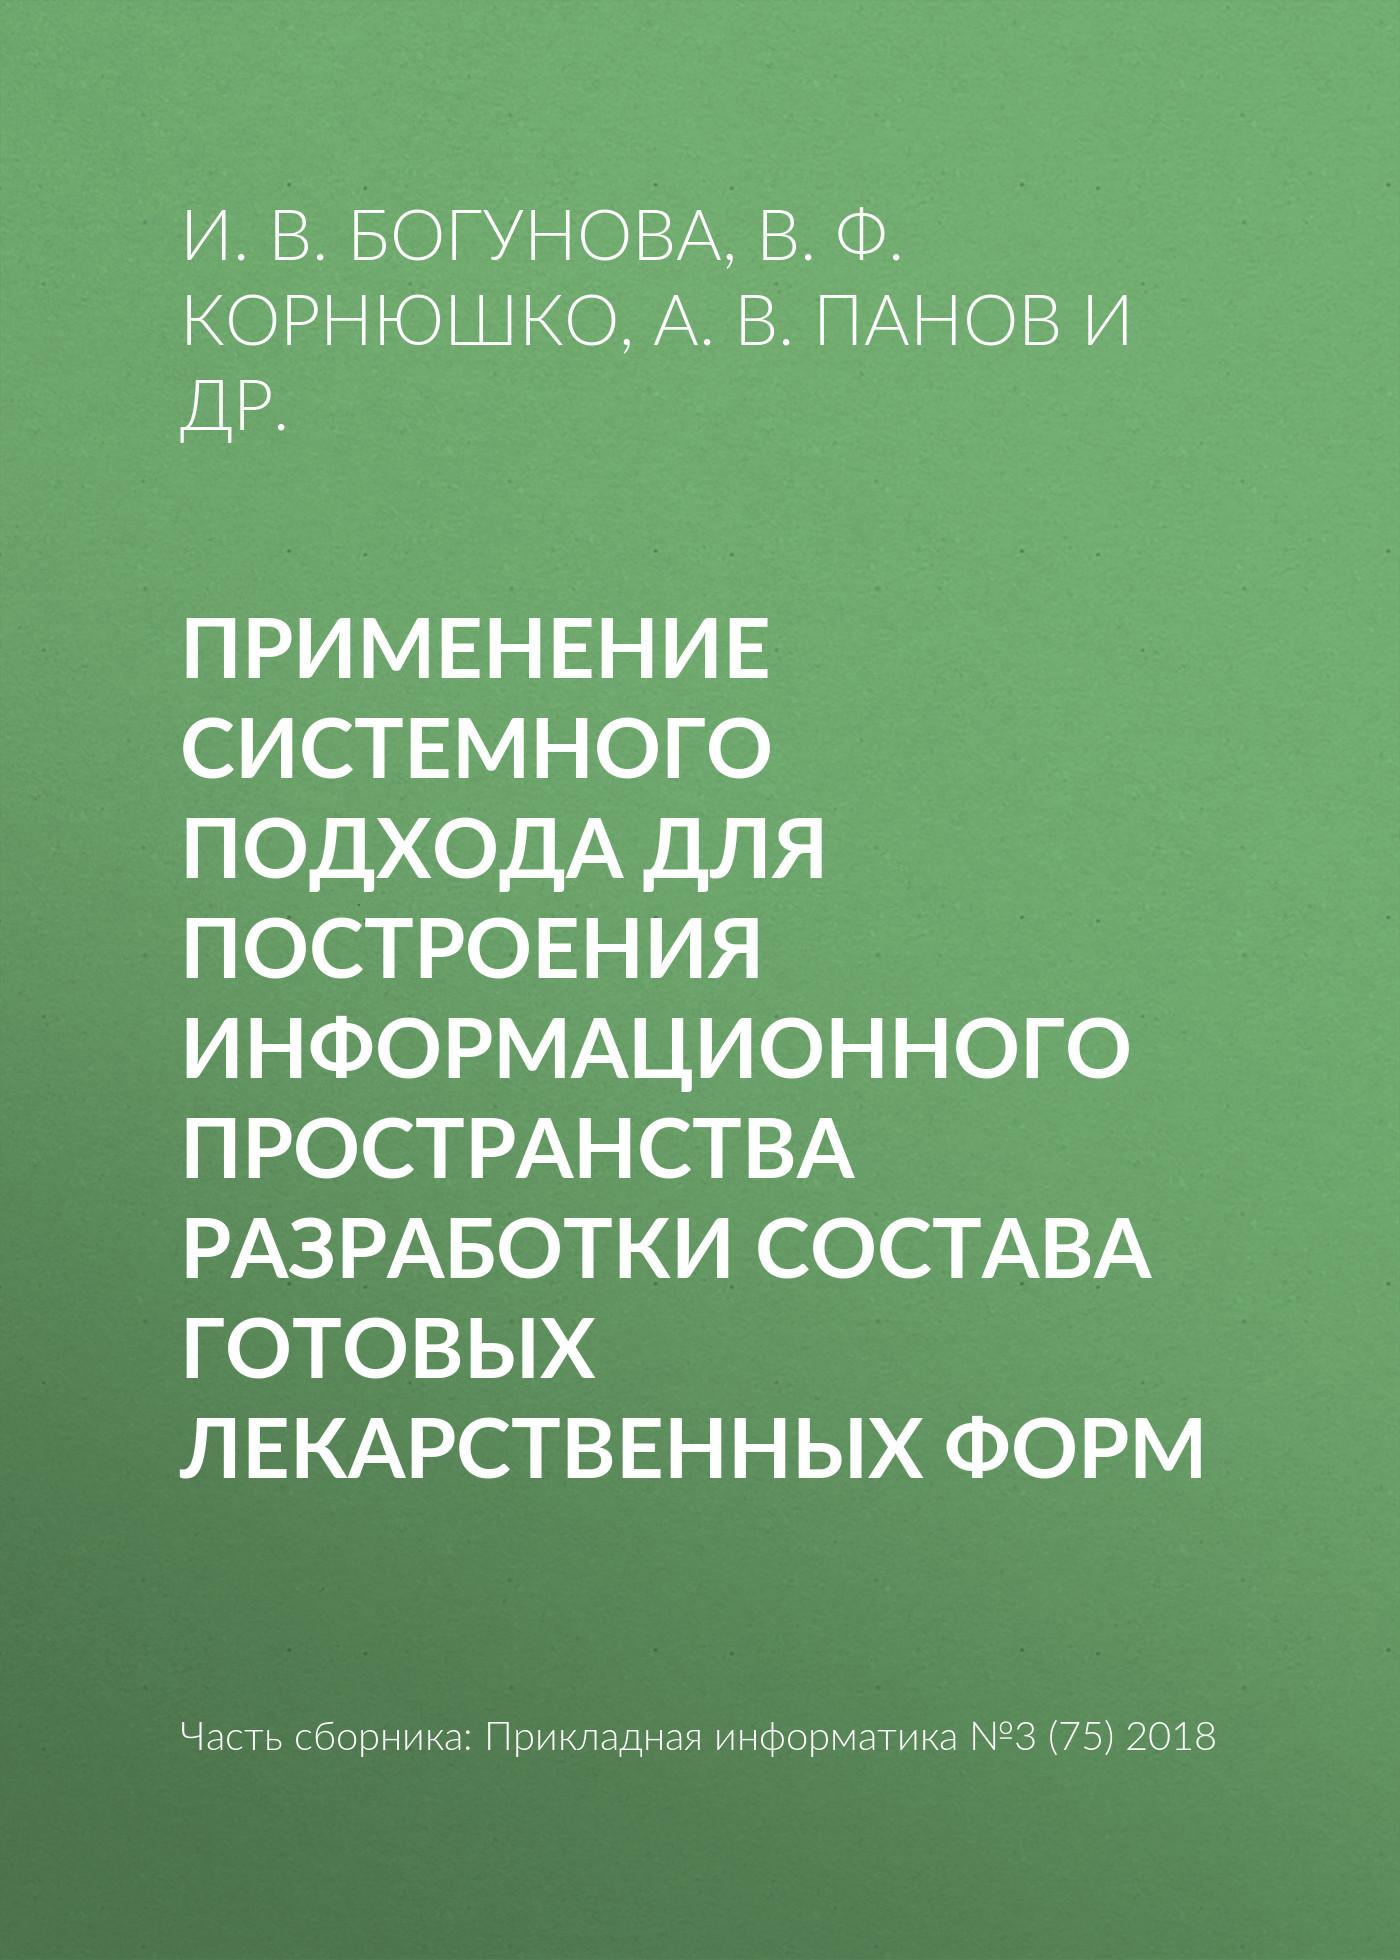 В. Ф. Корнюшко Применение системного подхода для построения информационного пространства разработки состава готовых лекарственных форм